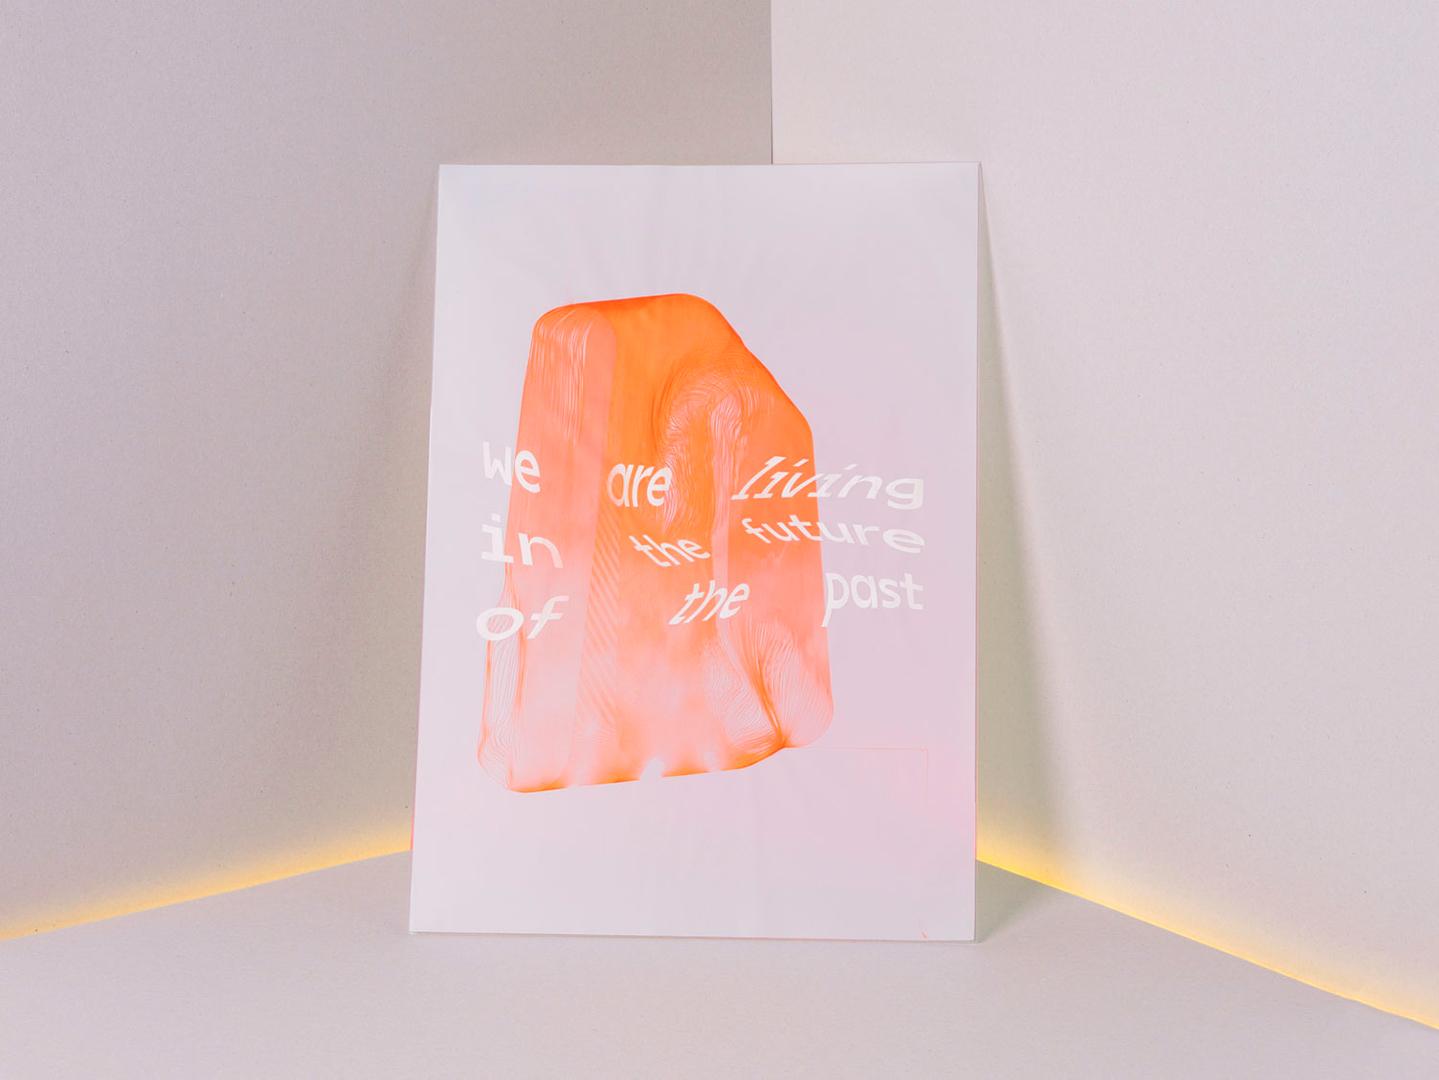 Plakat. Kombination aus Laser-Rasterung und Stift